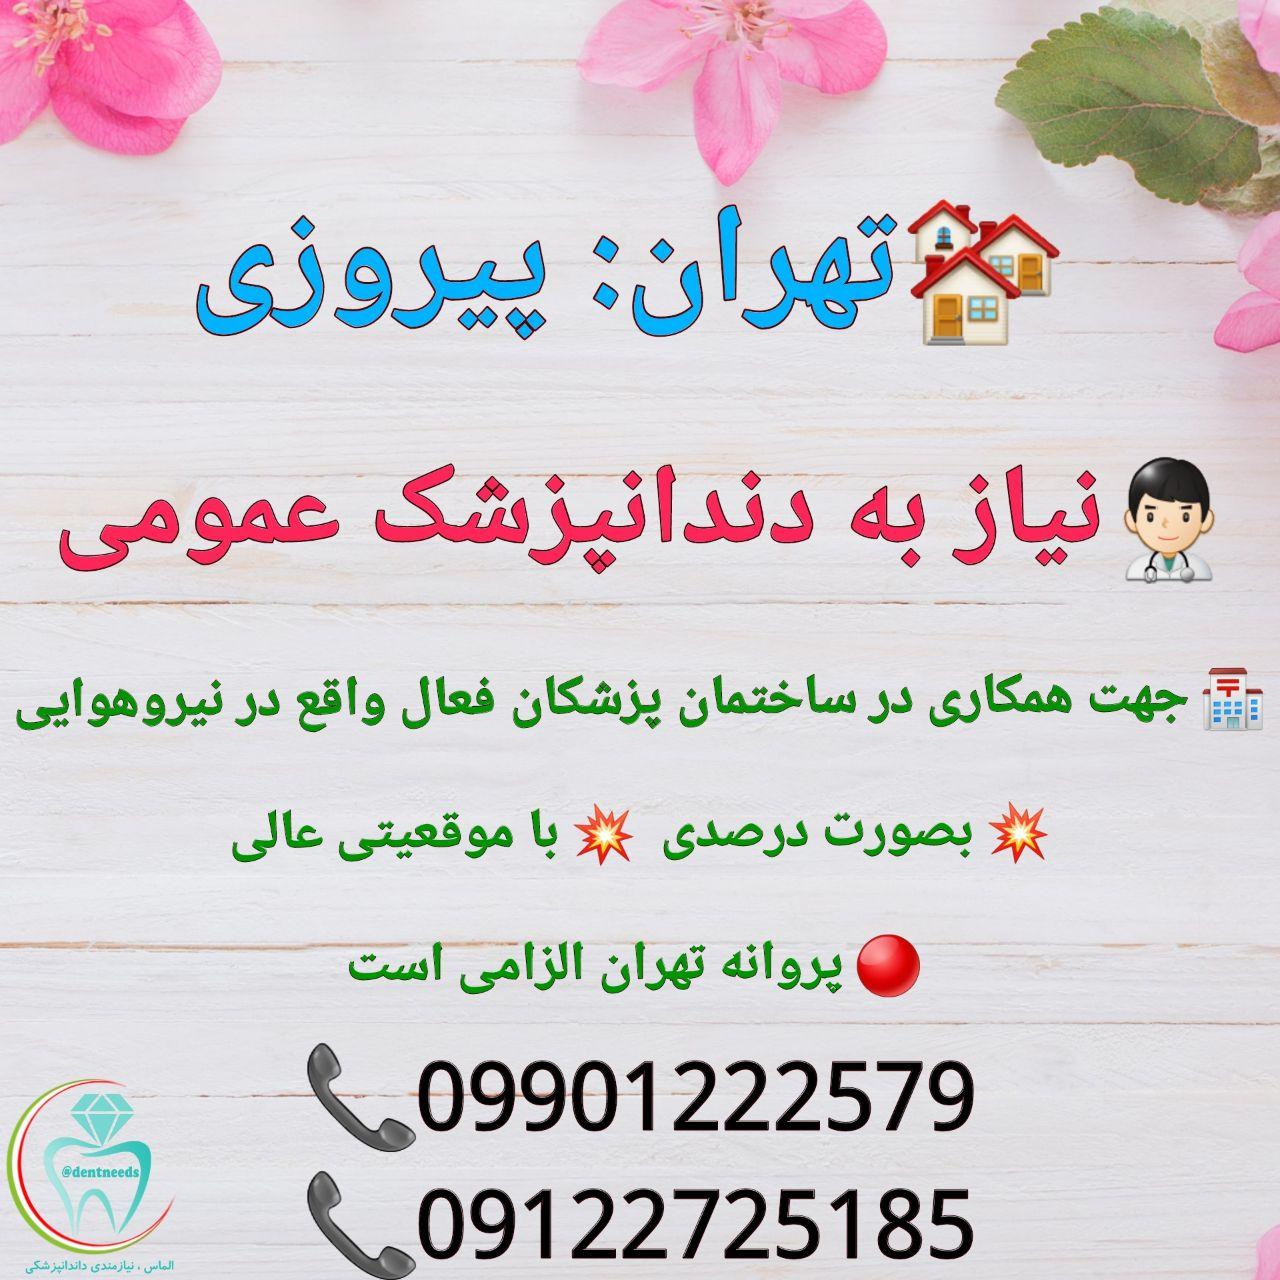 تهران: پیروزی، نیاز به دندانپزشک عمومی